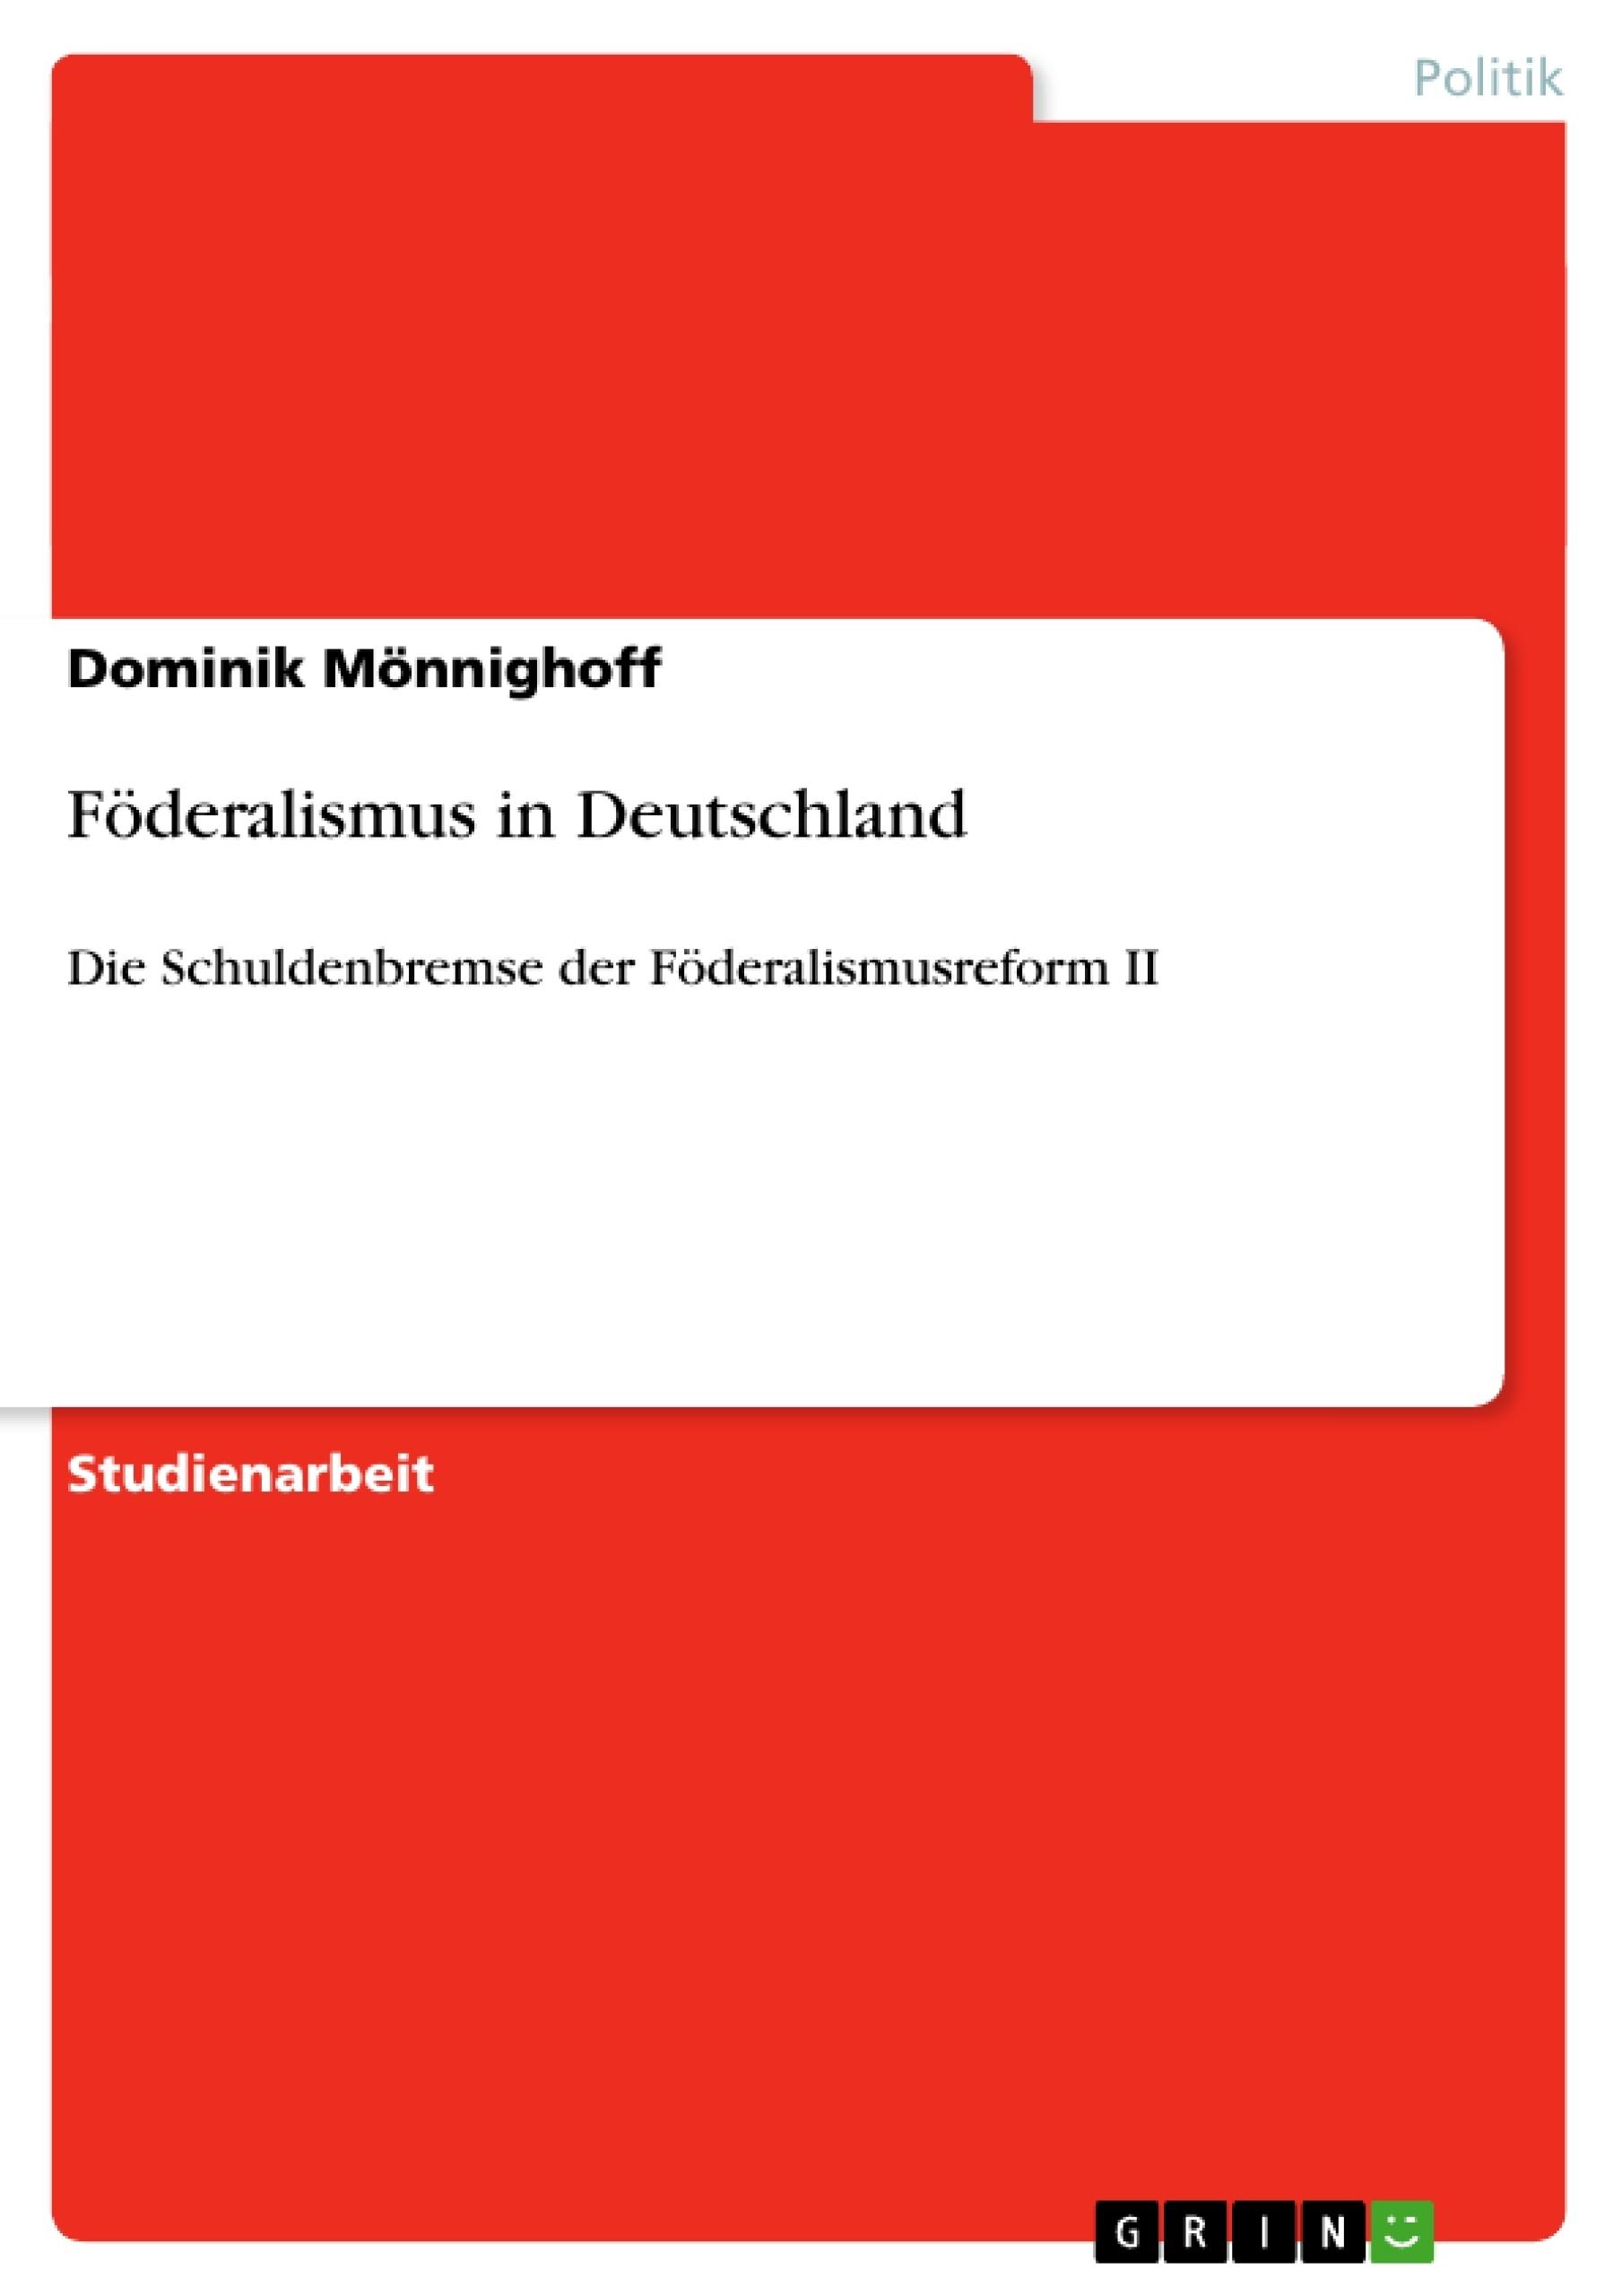 Titel: Föderalismus in Deutschland